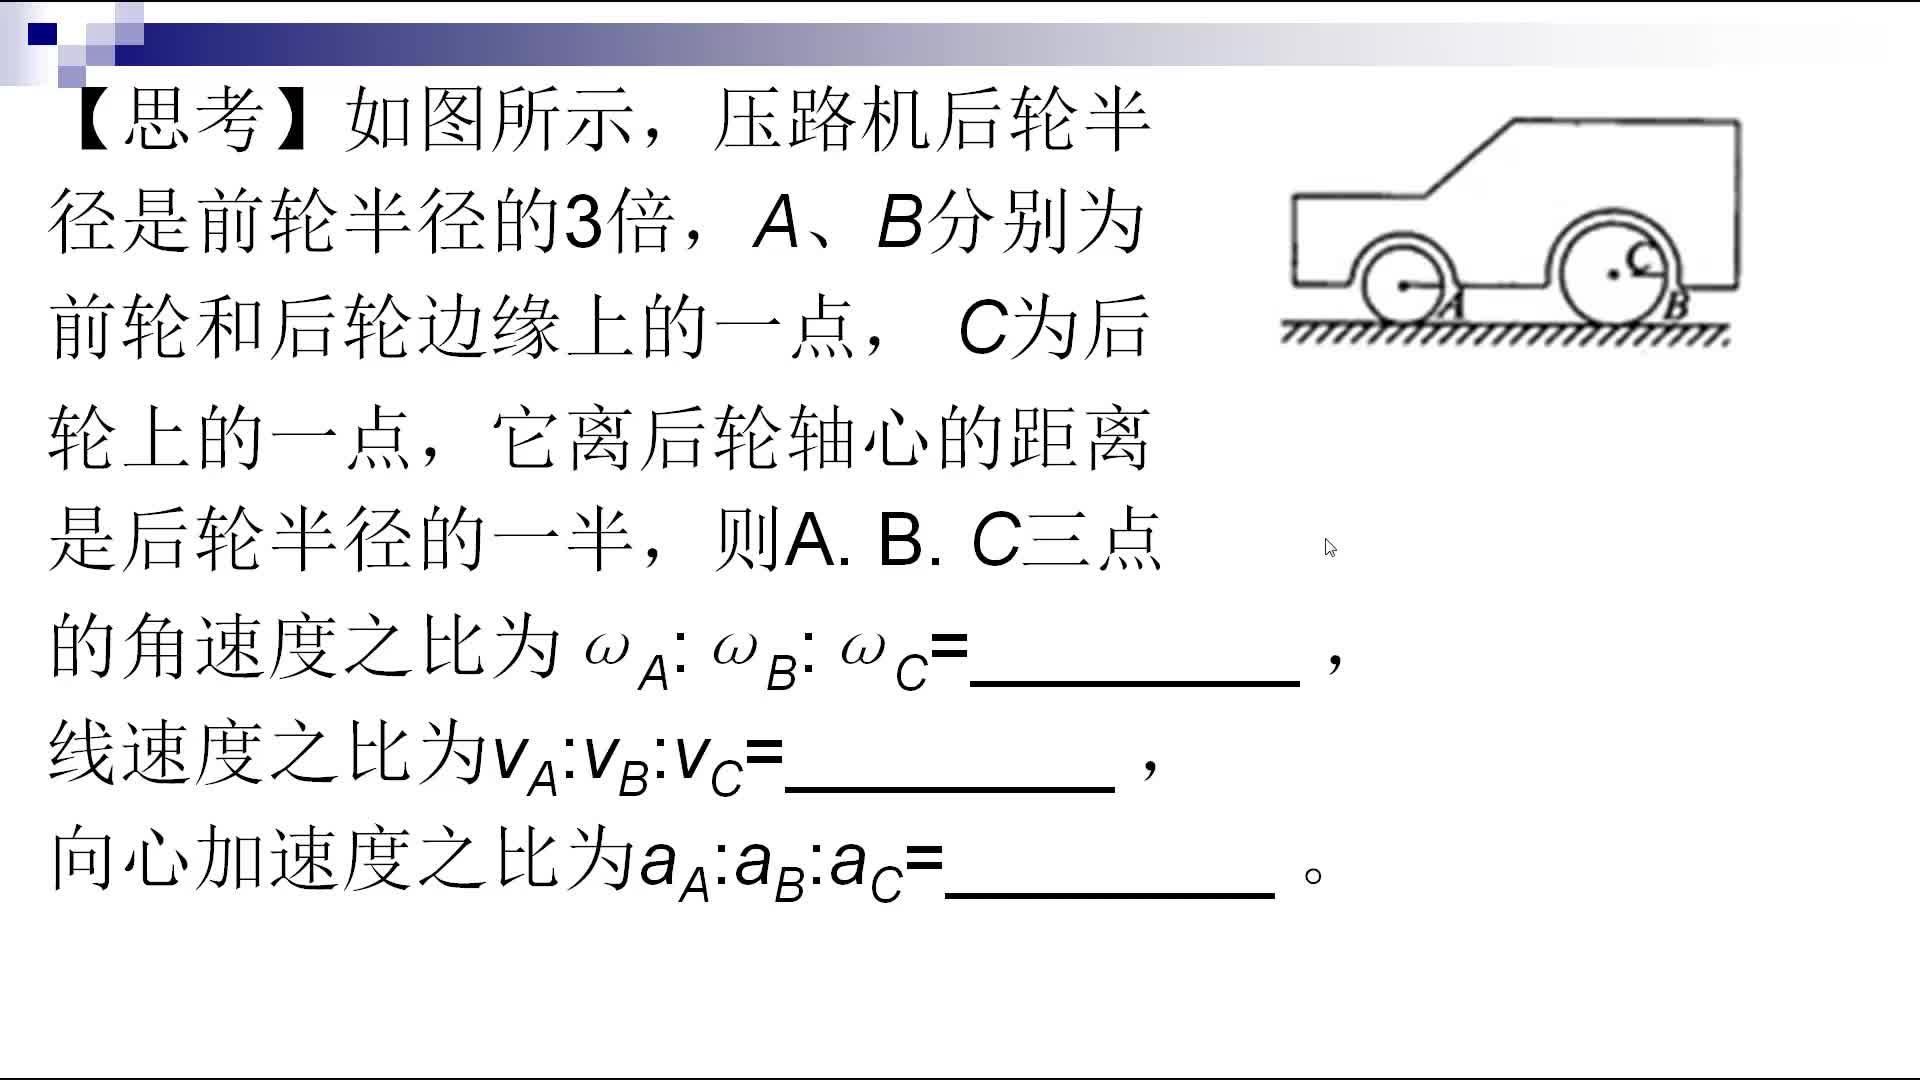 人教版高中物理必修二 5.5前轮和后轮线速度大小相等(曲线运动难点辨析)